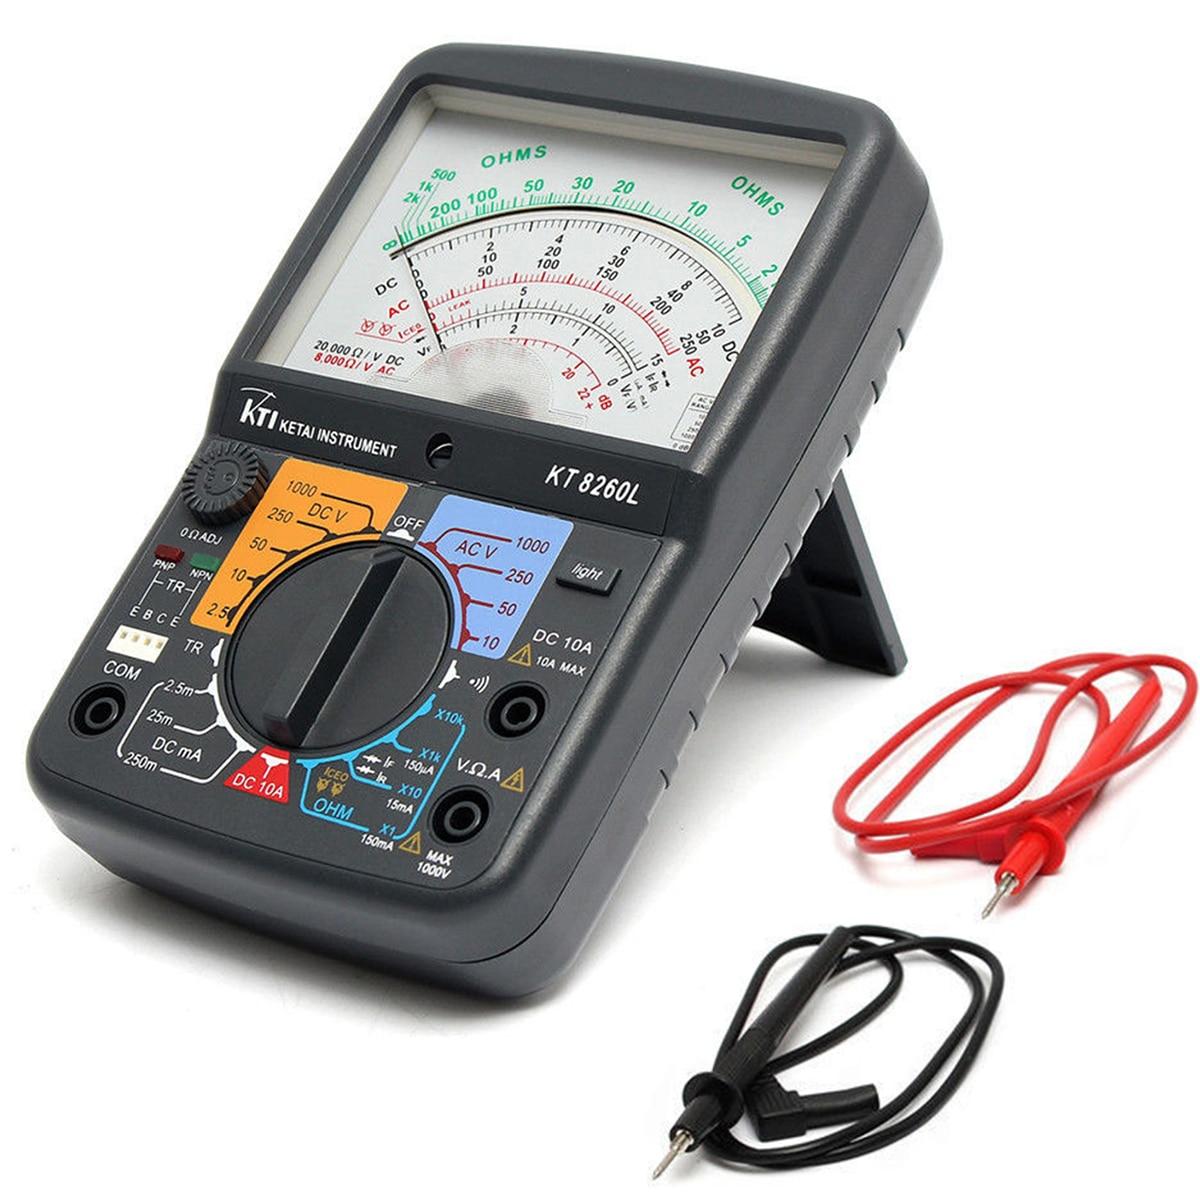 KT8260LDigital Analog Multimeter ACV/DCV/DCA/Electric Resistance Tester  + 2pcs Test Pen For Measurment Tools